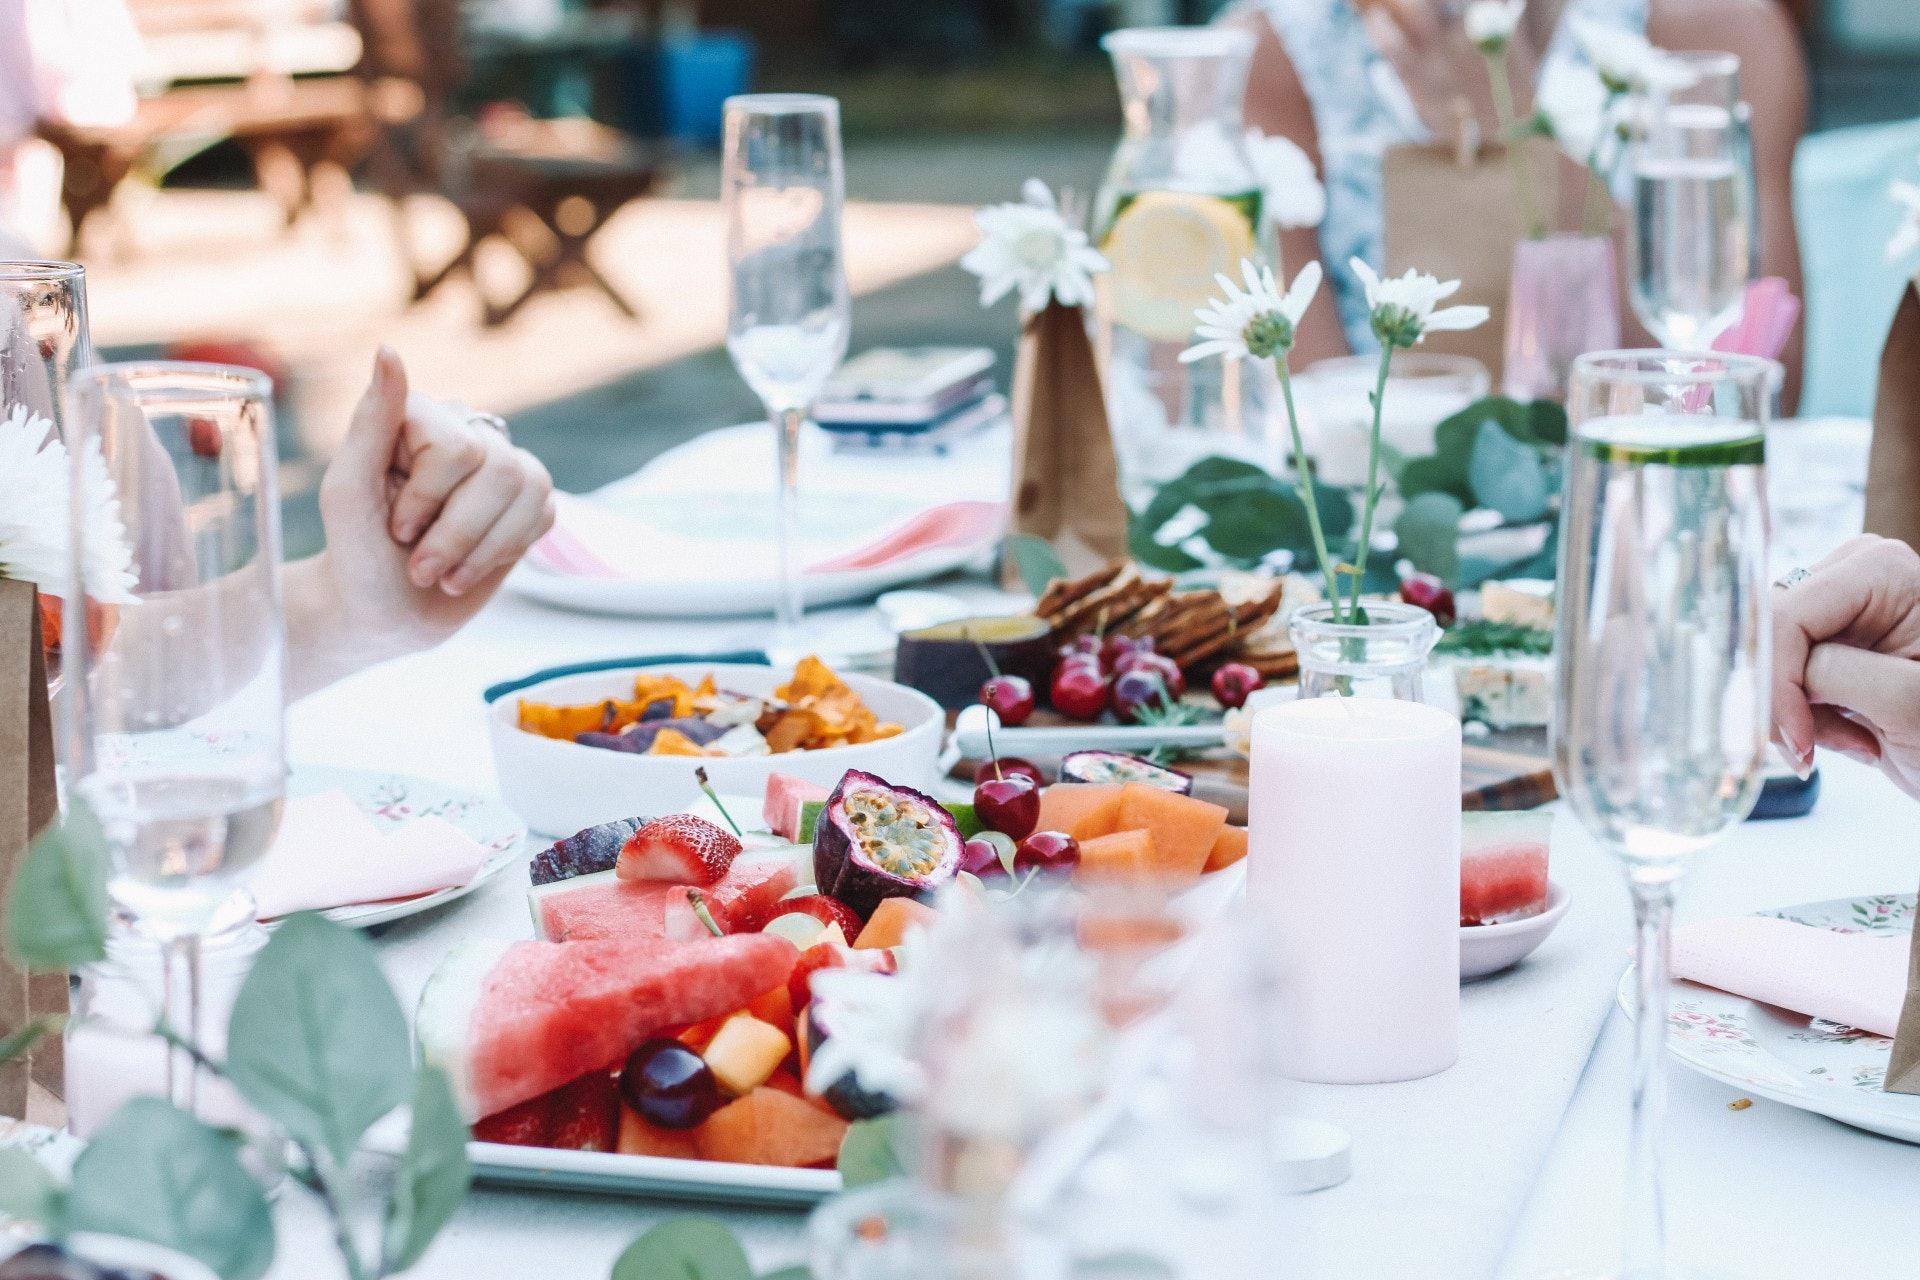 農歷新年是中國重要傳統節日之一,不少港人習慣在當天和家人、朋友聚餐慶節,但豐富菜餚在前,也要留意自己會否不自覺食滯。(maddibazzocco/unsplash)